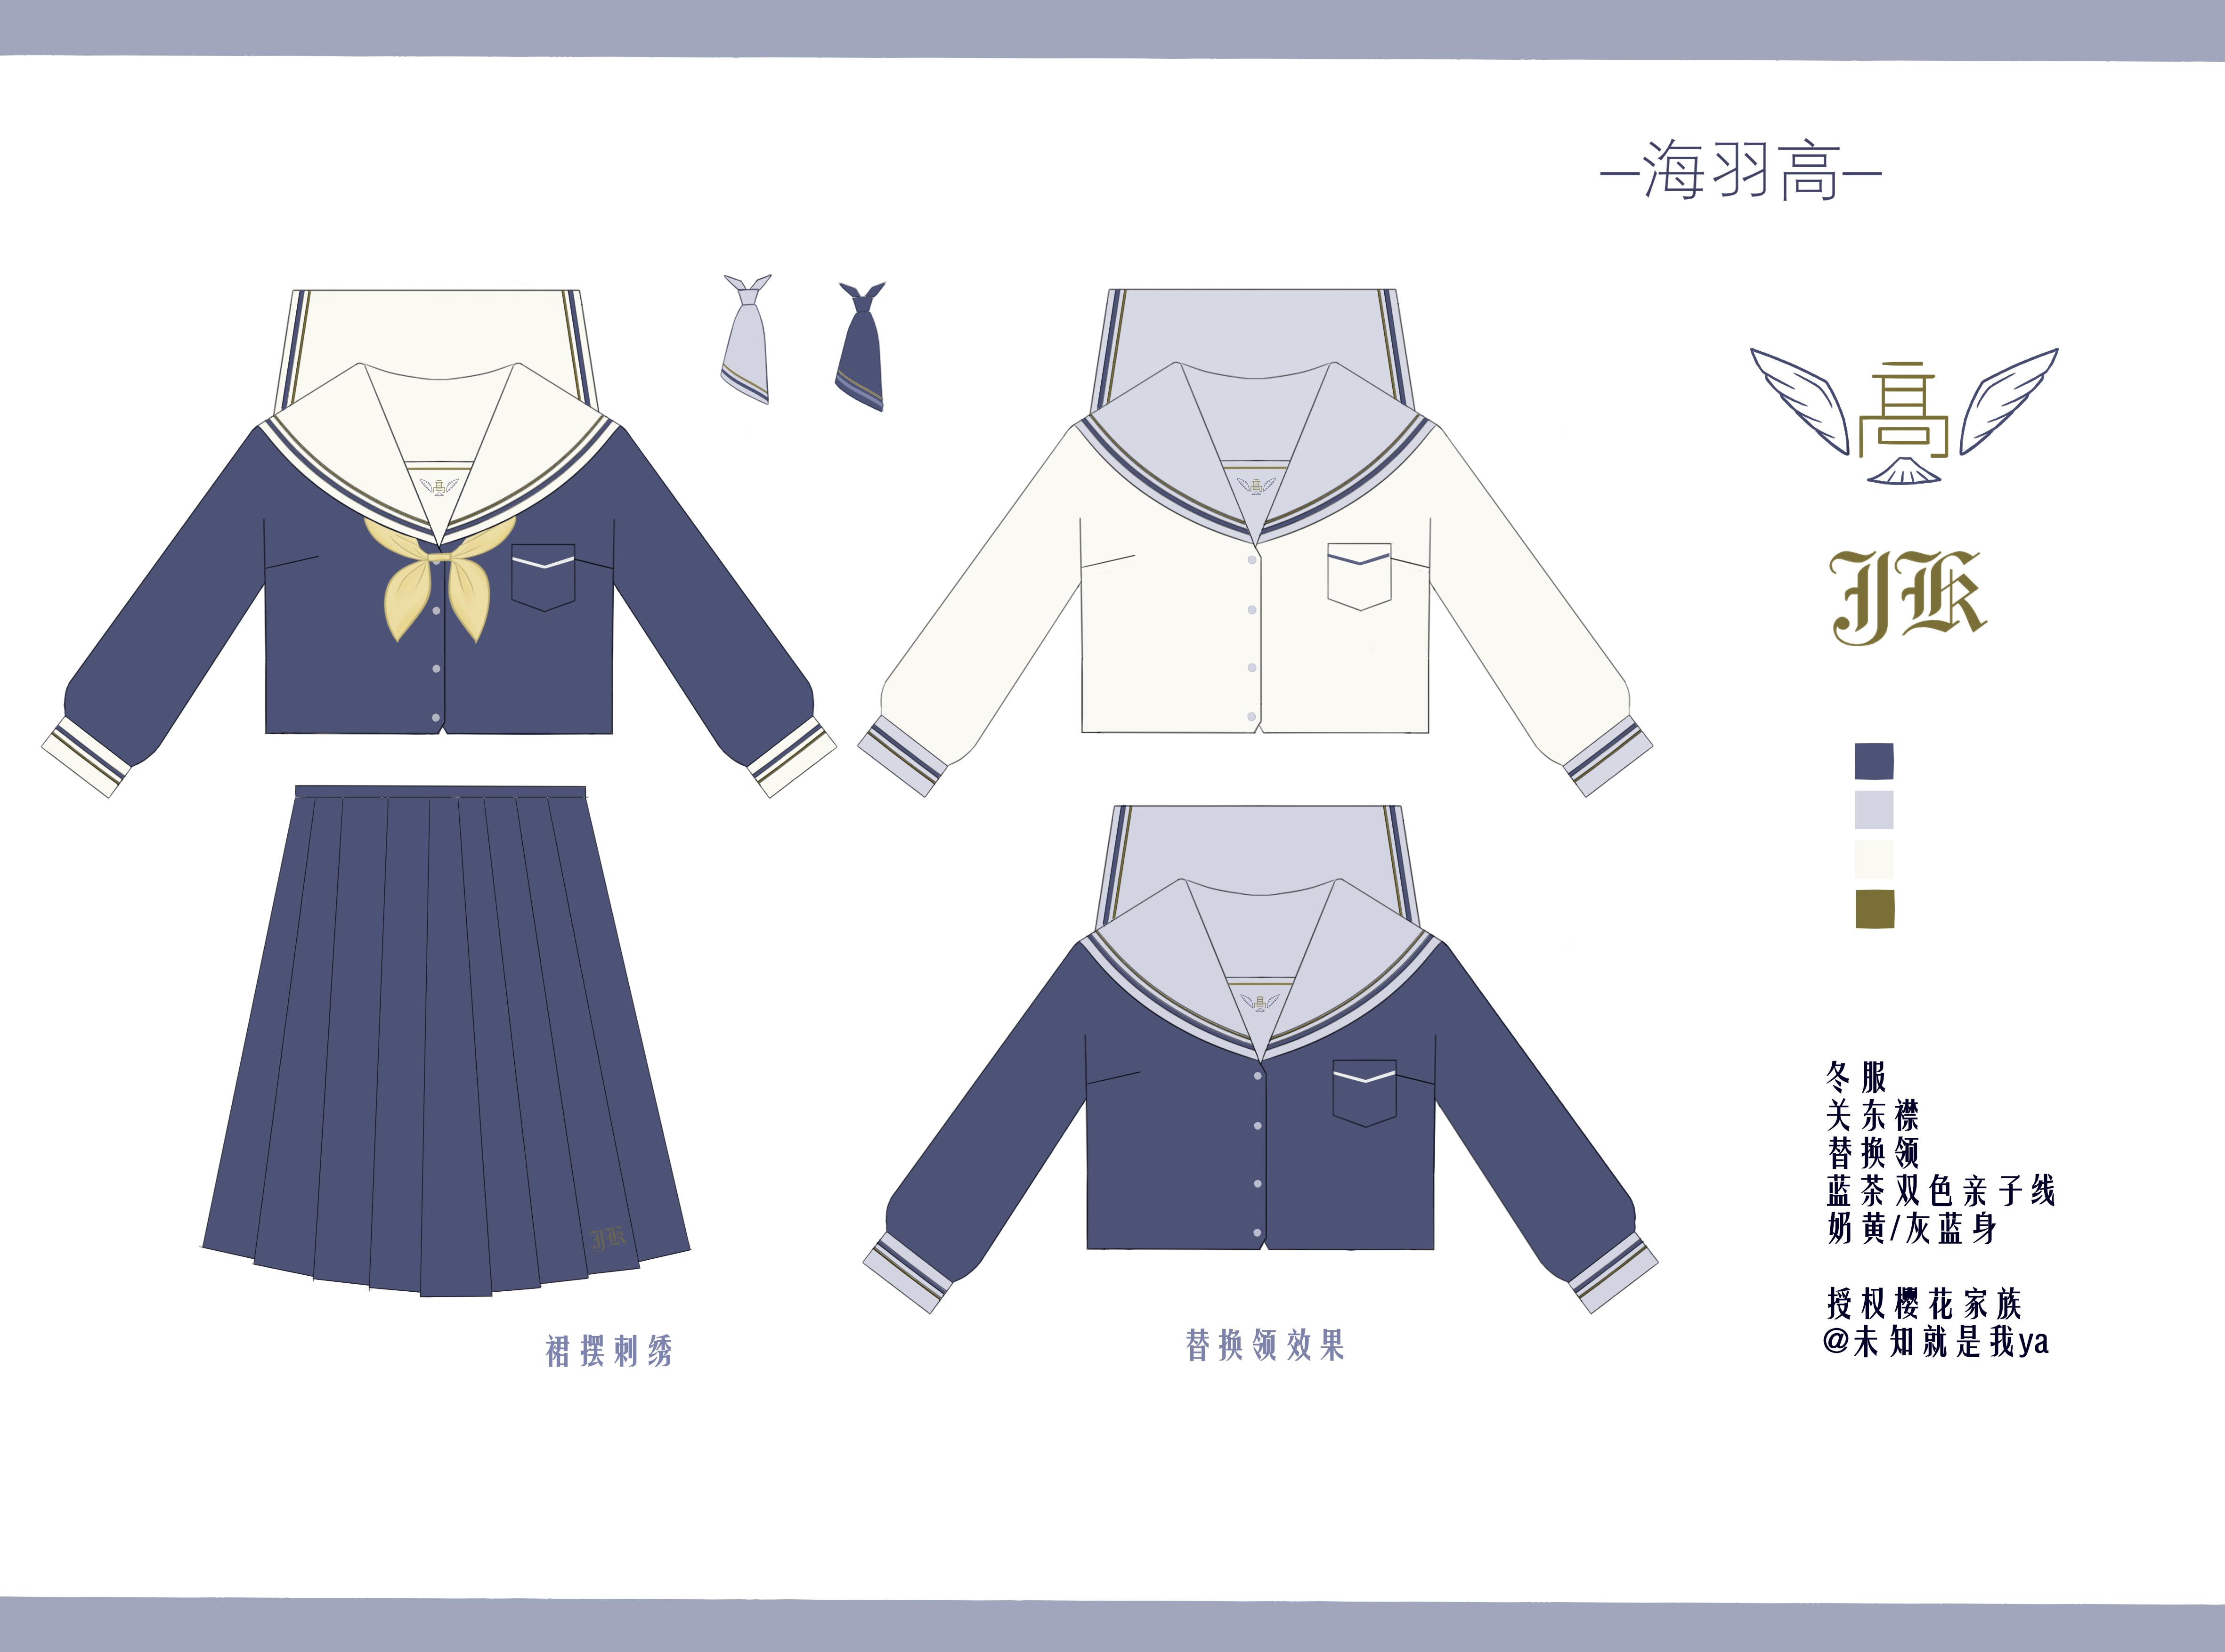 樱花家族jk中间服【海羽高】收藏制服热销0件需要用券